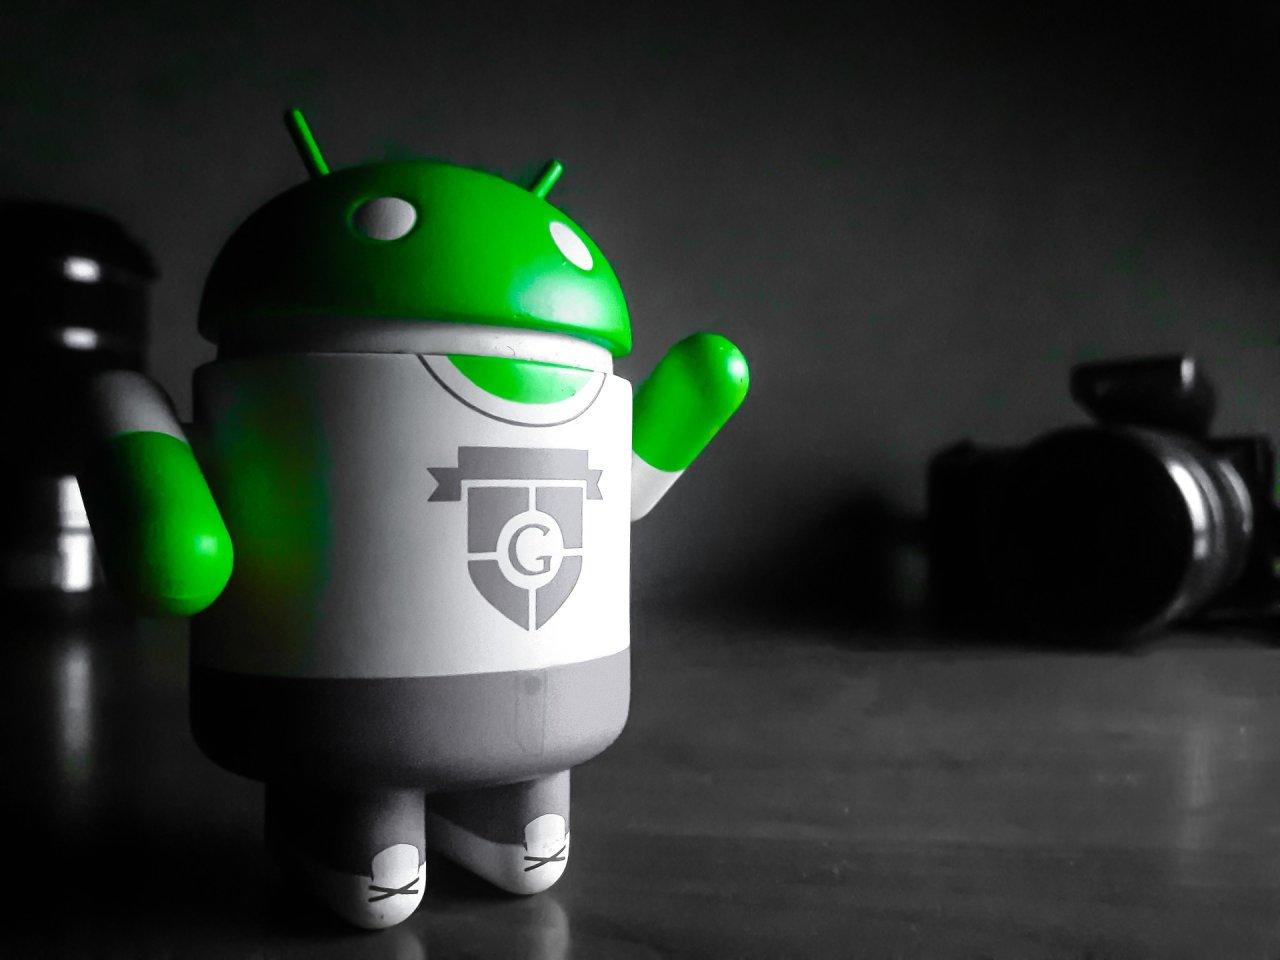 Ob Hardware oder Preis, Android hat einige Vorteile gegenüber dem iPhone.